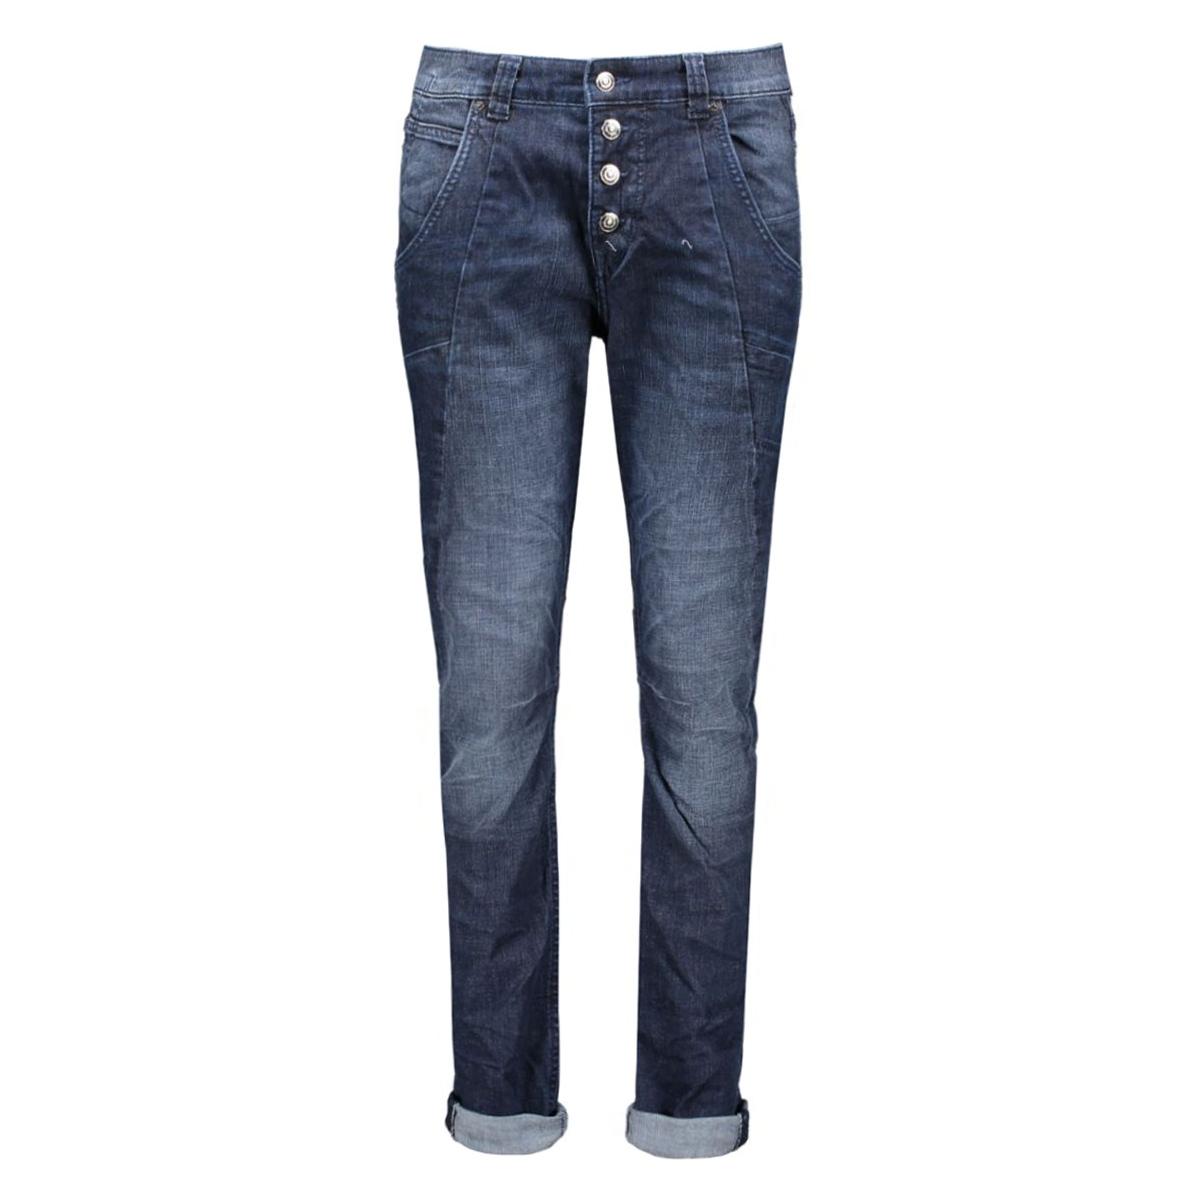 laxy 2351 90 0336l 16 mac jeans light use